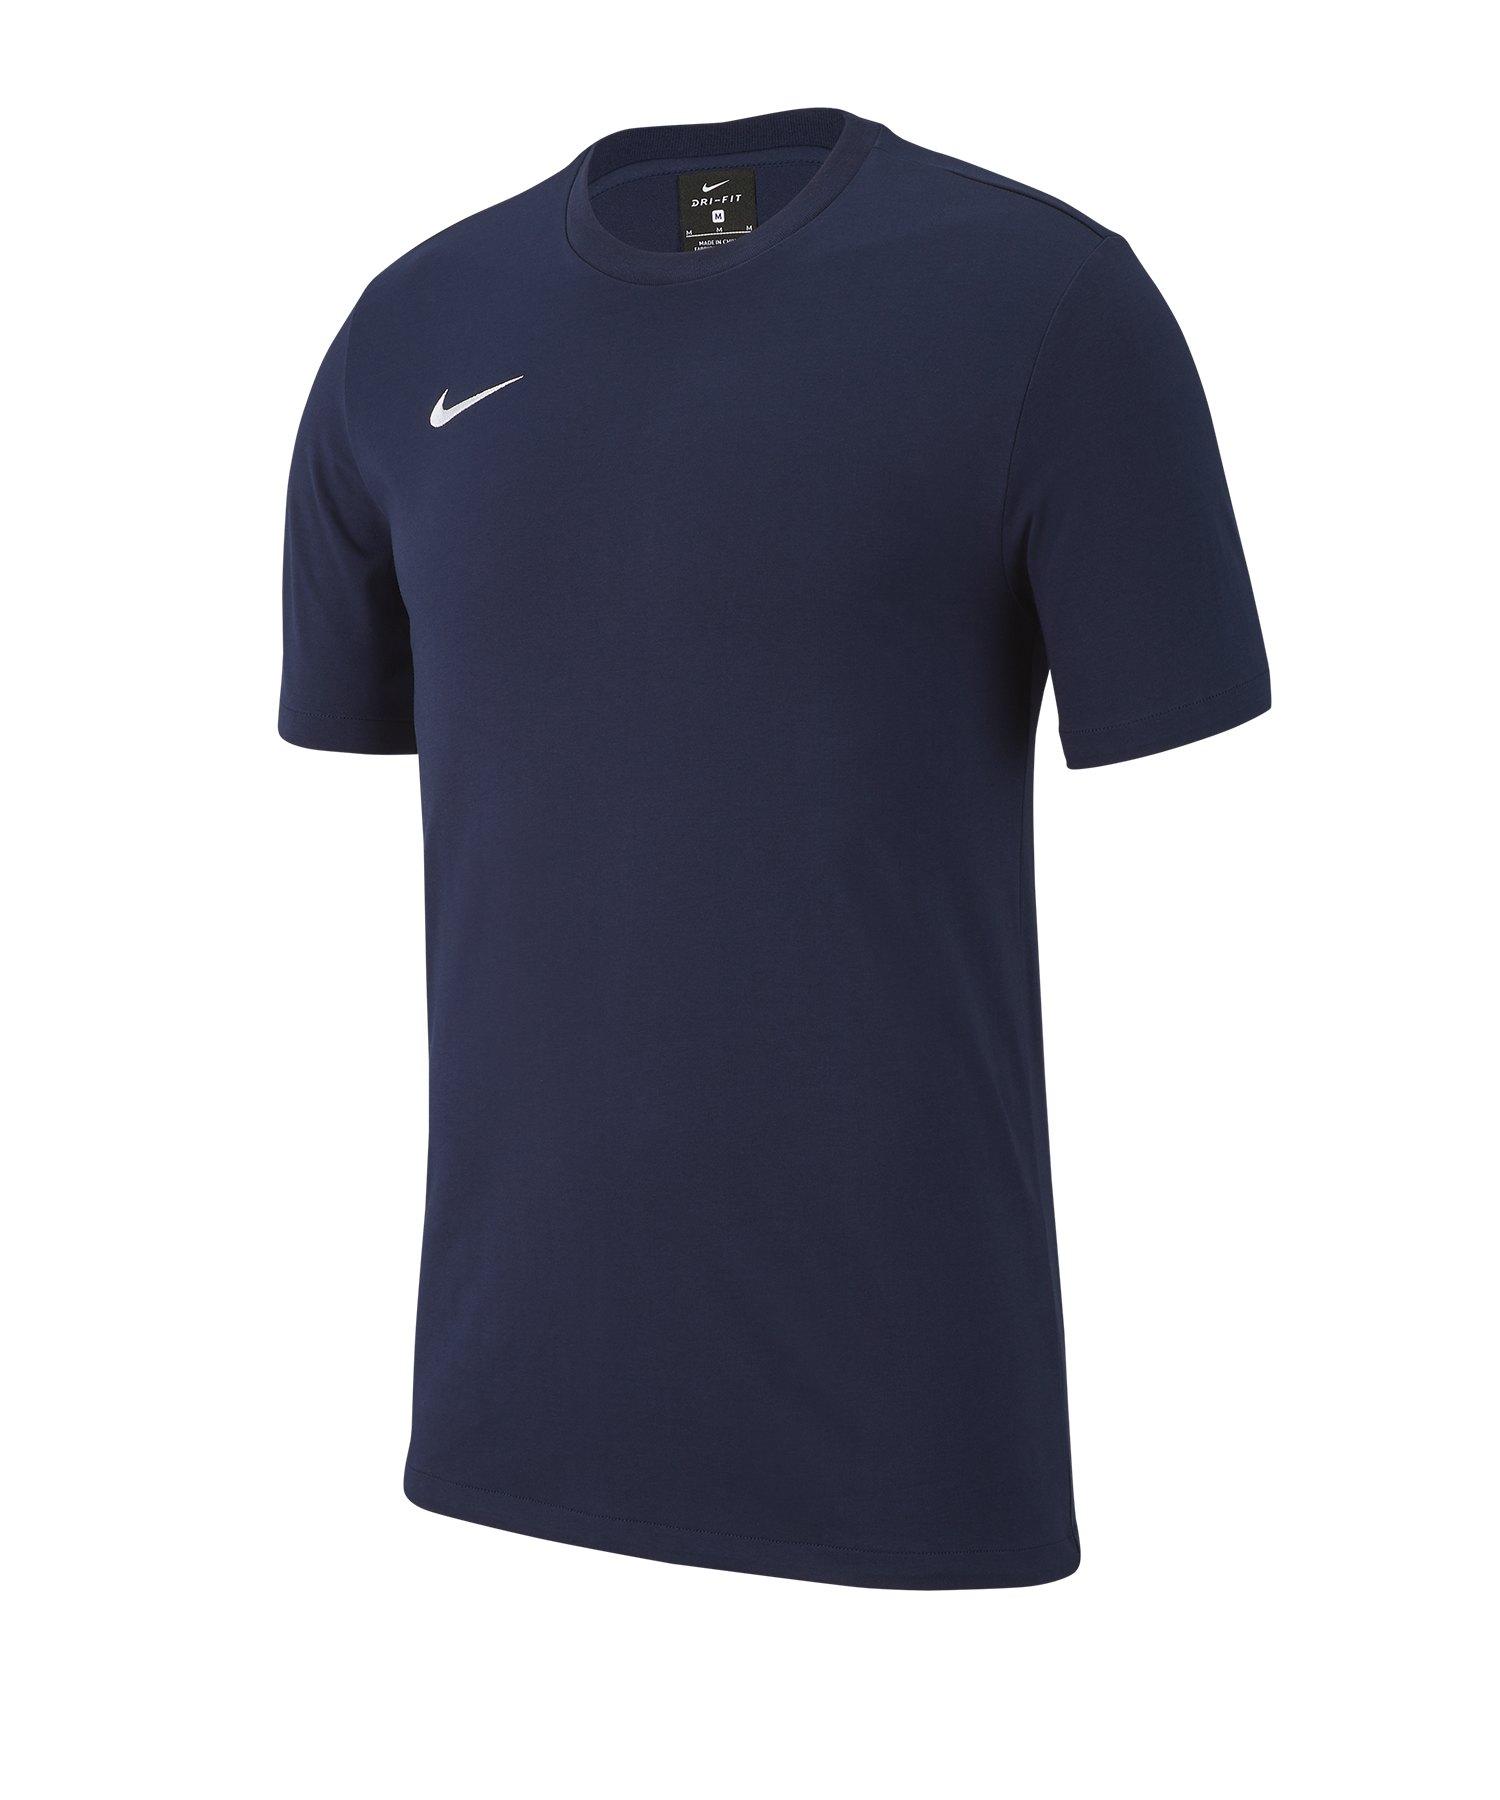 Nike Club 19 T-Shirt Blau F451 - blau